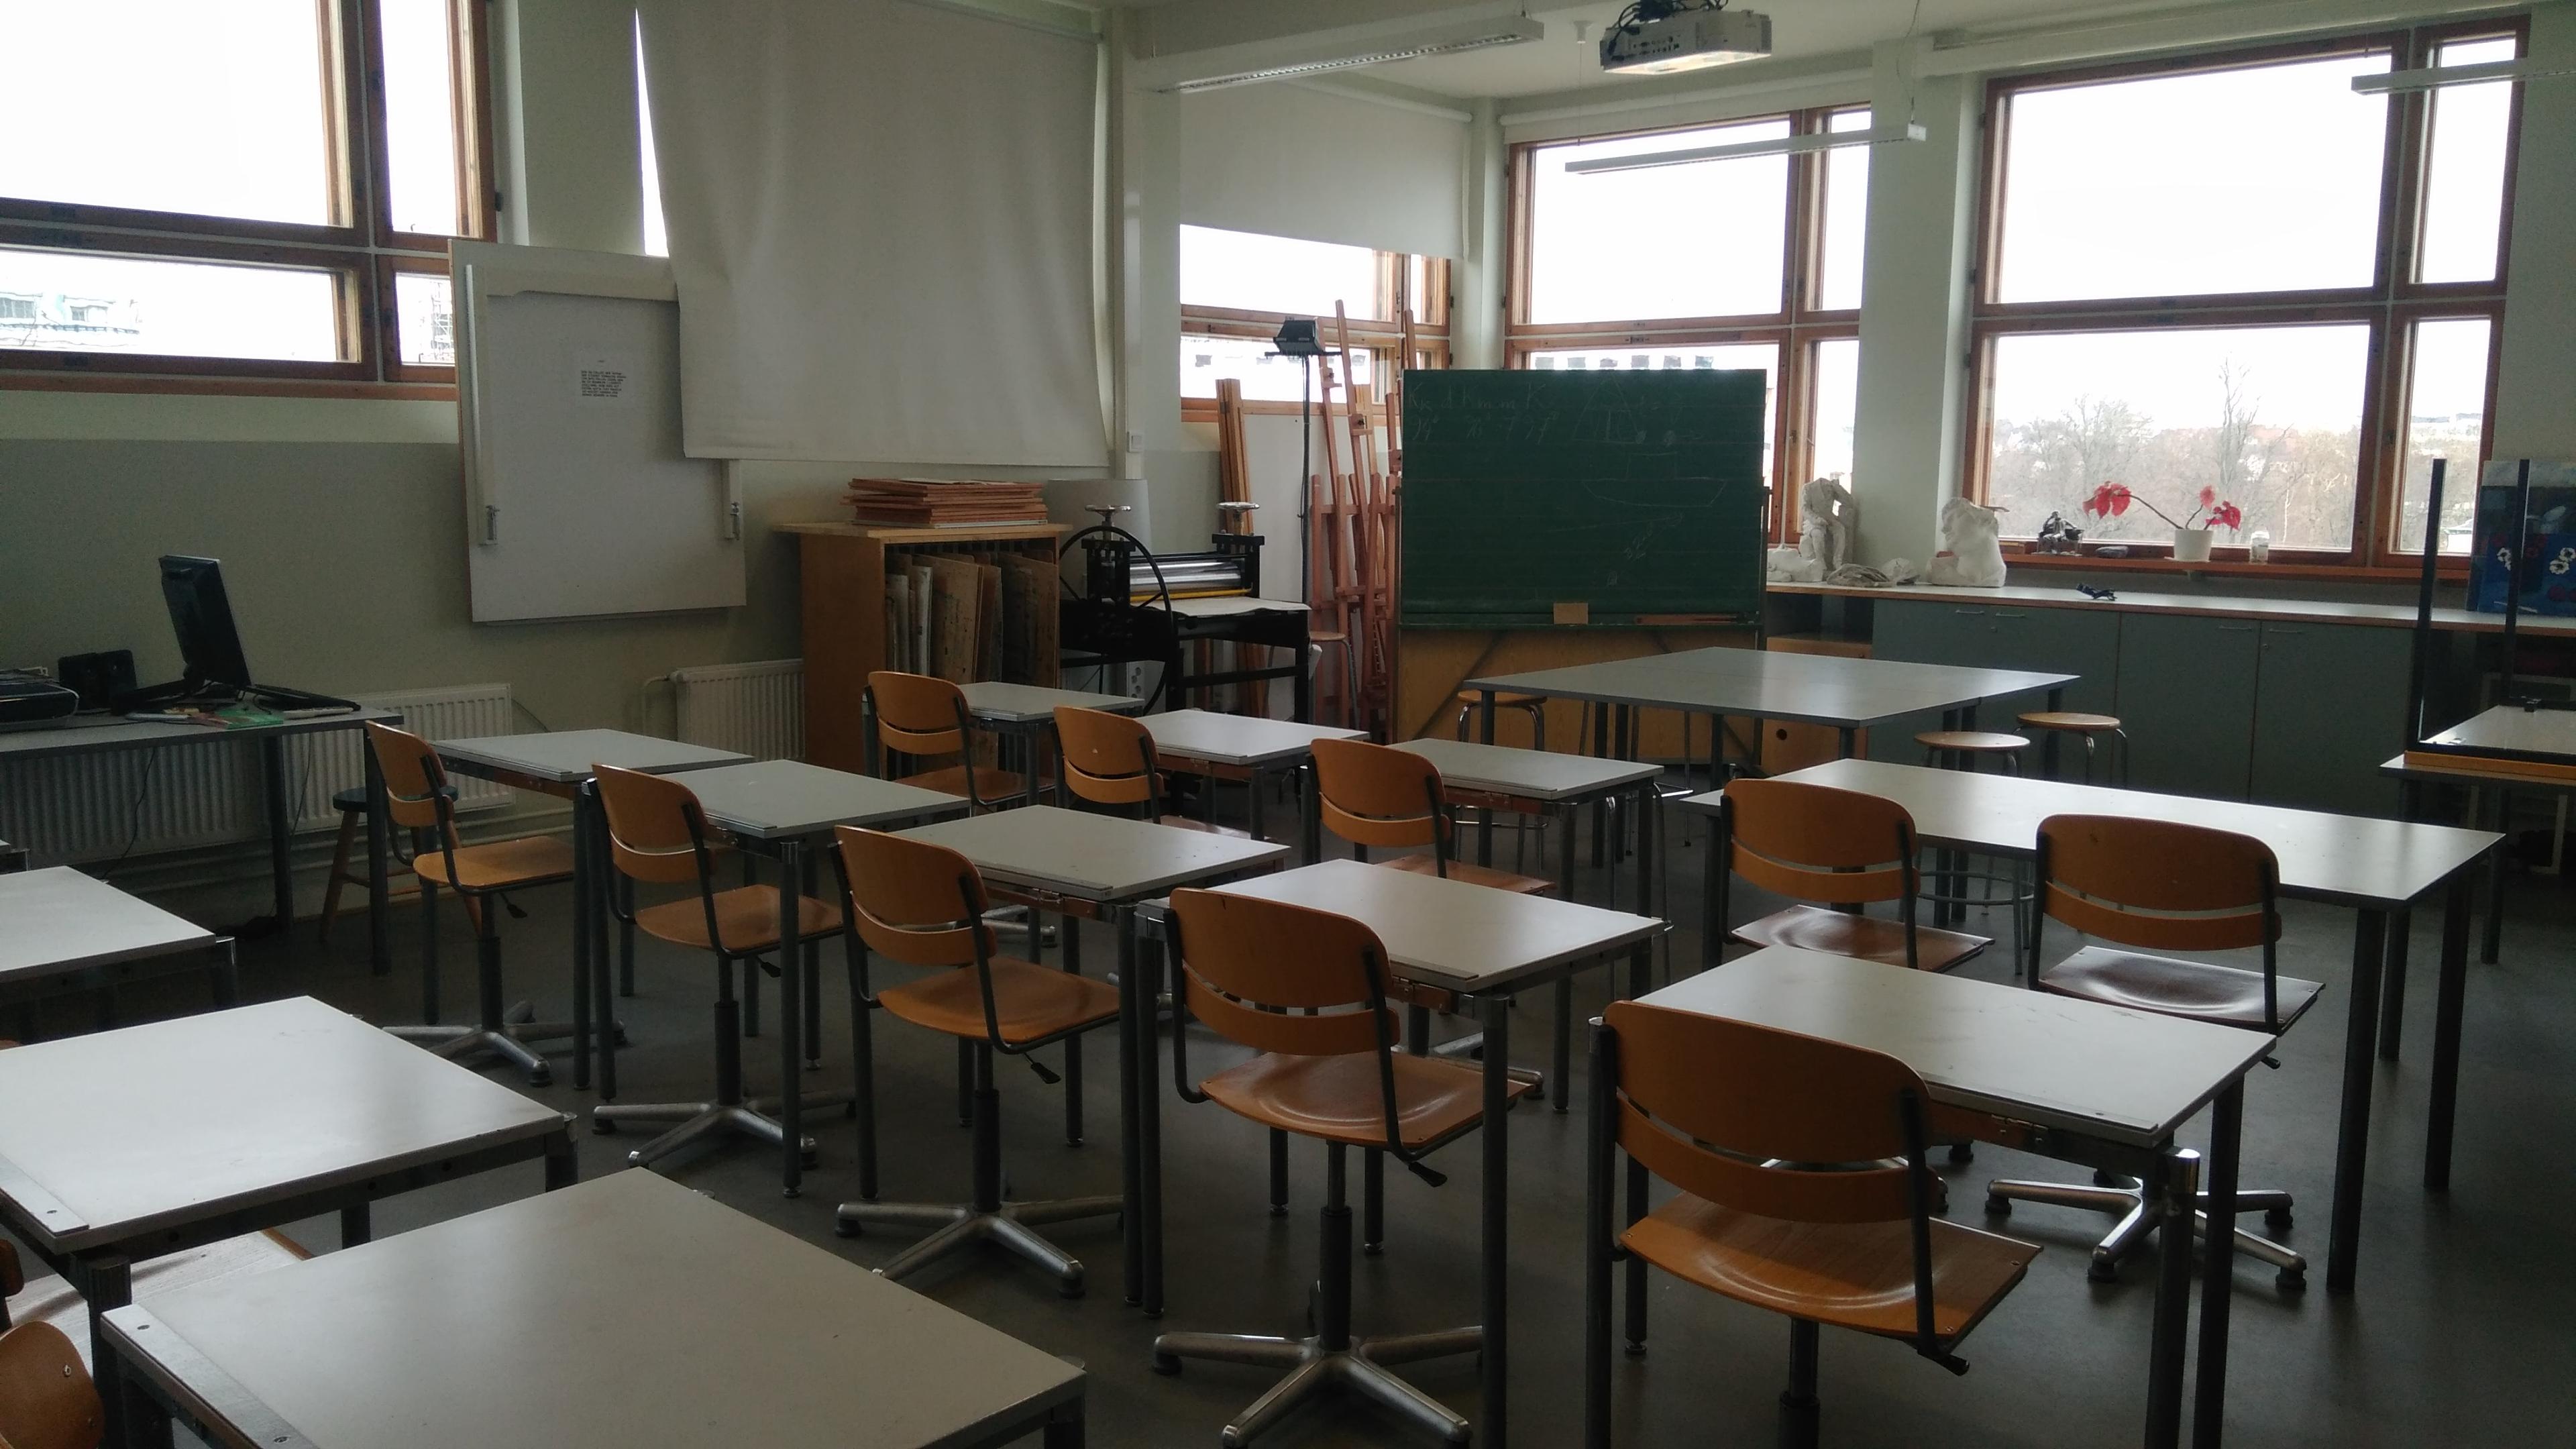 Arbis. Escuela Sueca en Finlandia. Erasmus+ 2018 3